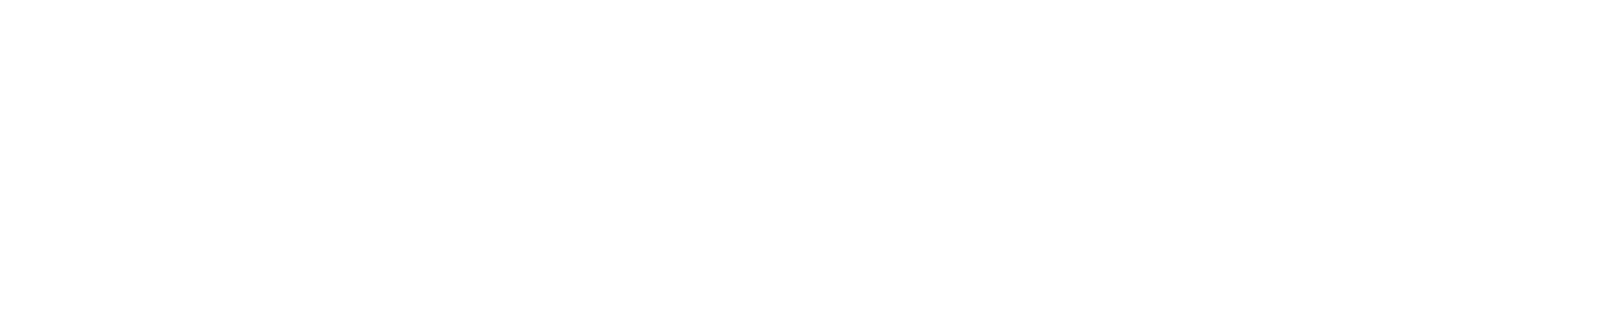 Imagesound_logo_white